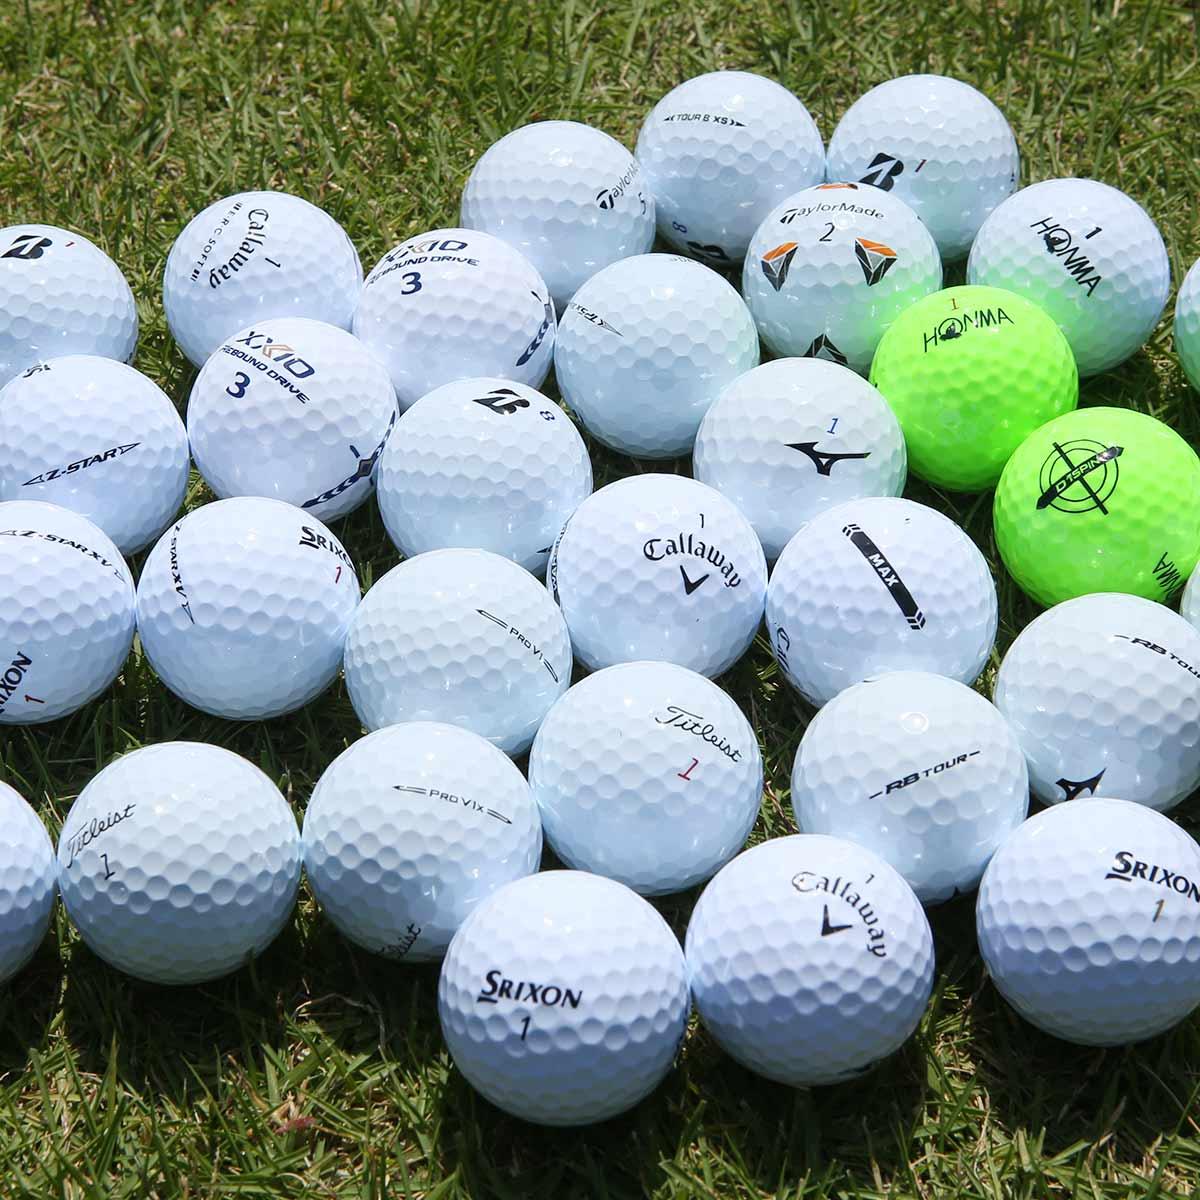 コースで打って確かめた! ゴルフボールの選び方とおすすめモデル